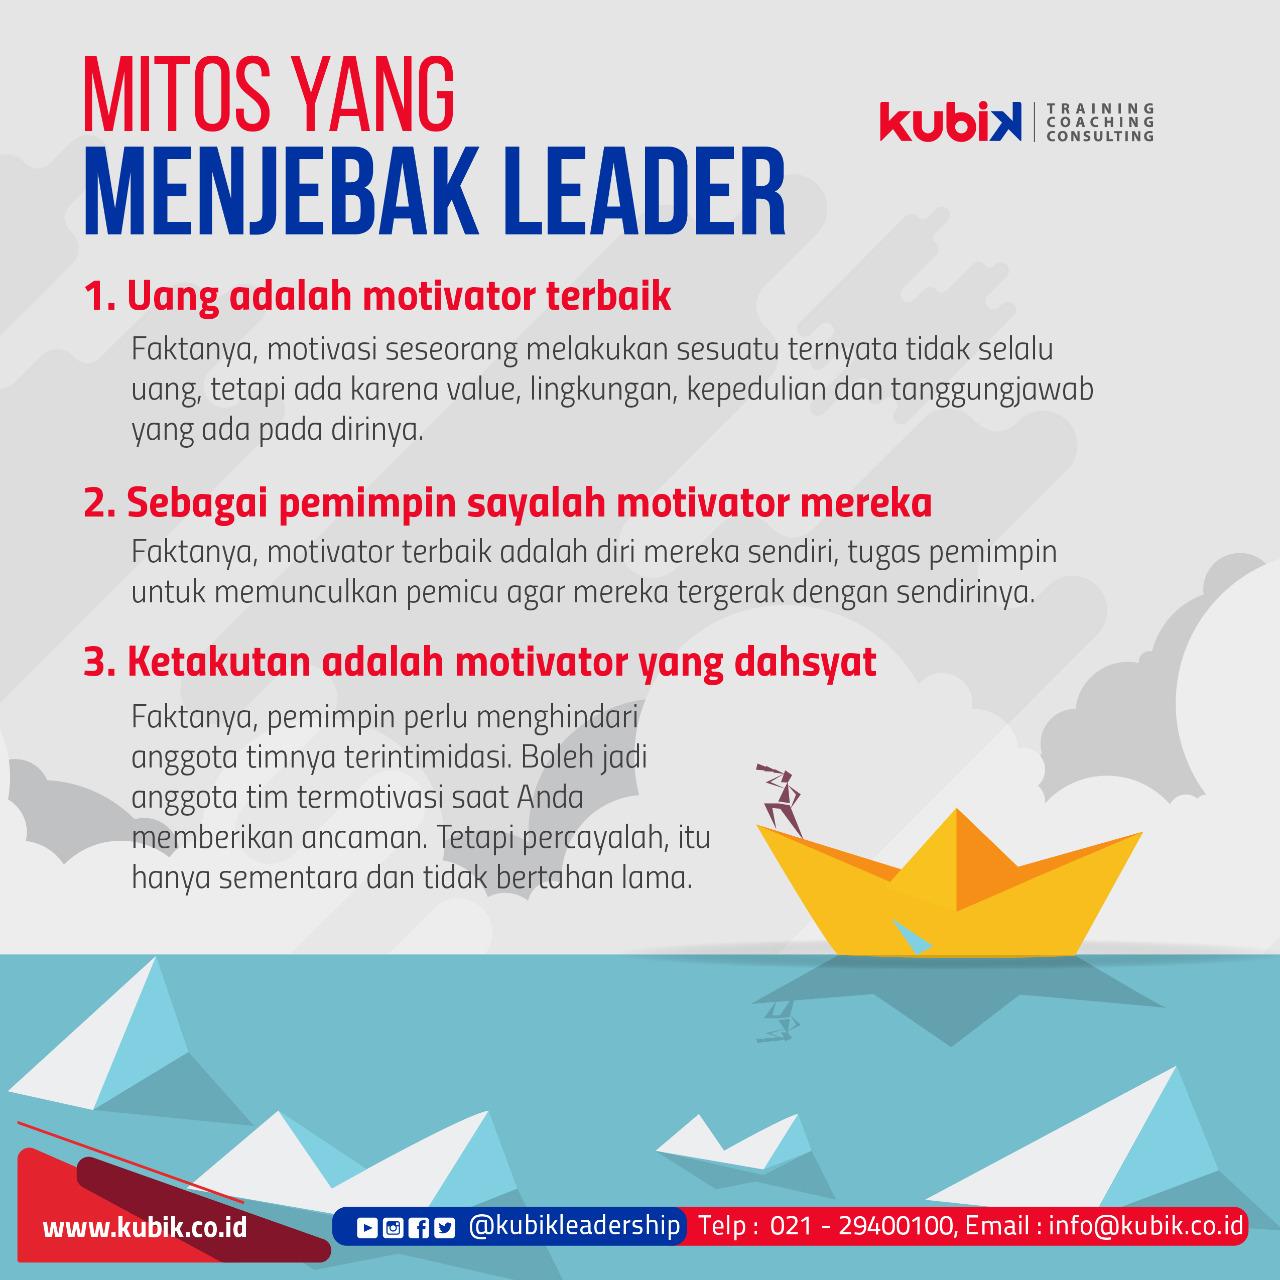 Mitos Yang Menjebak Leader